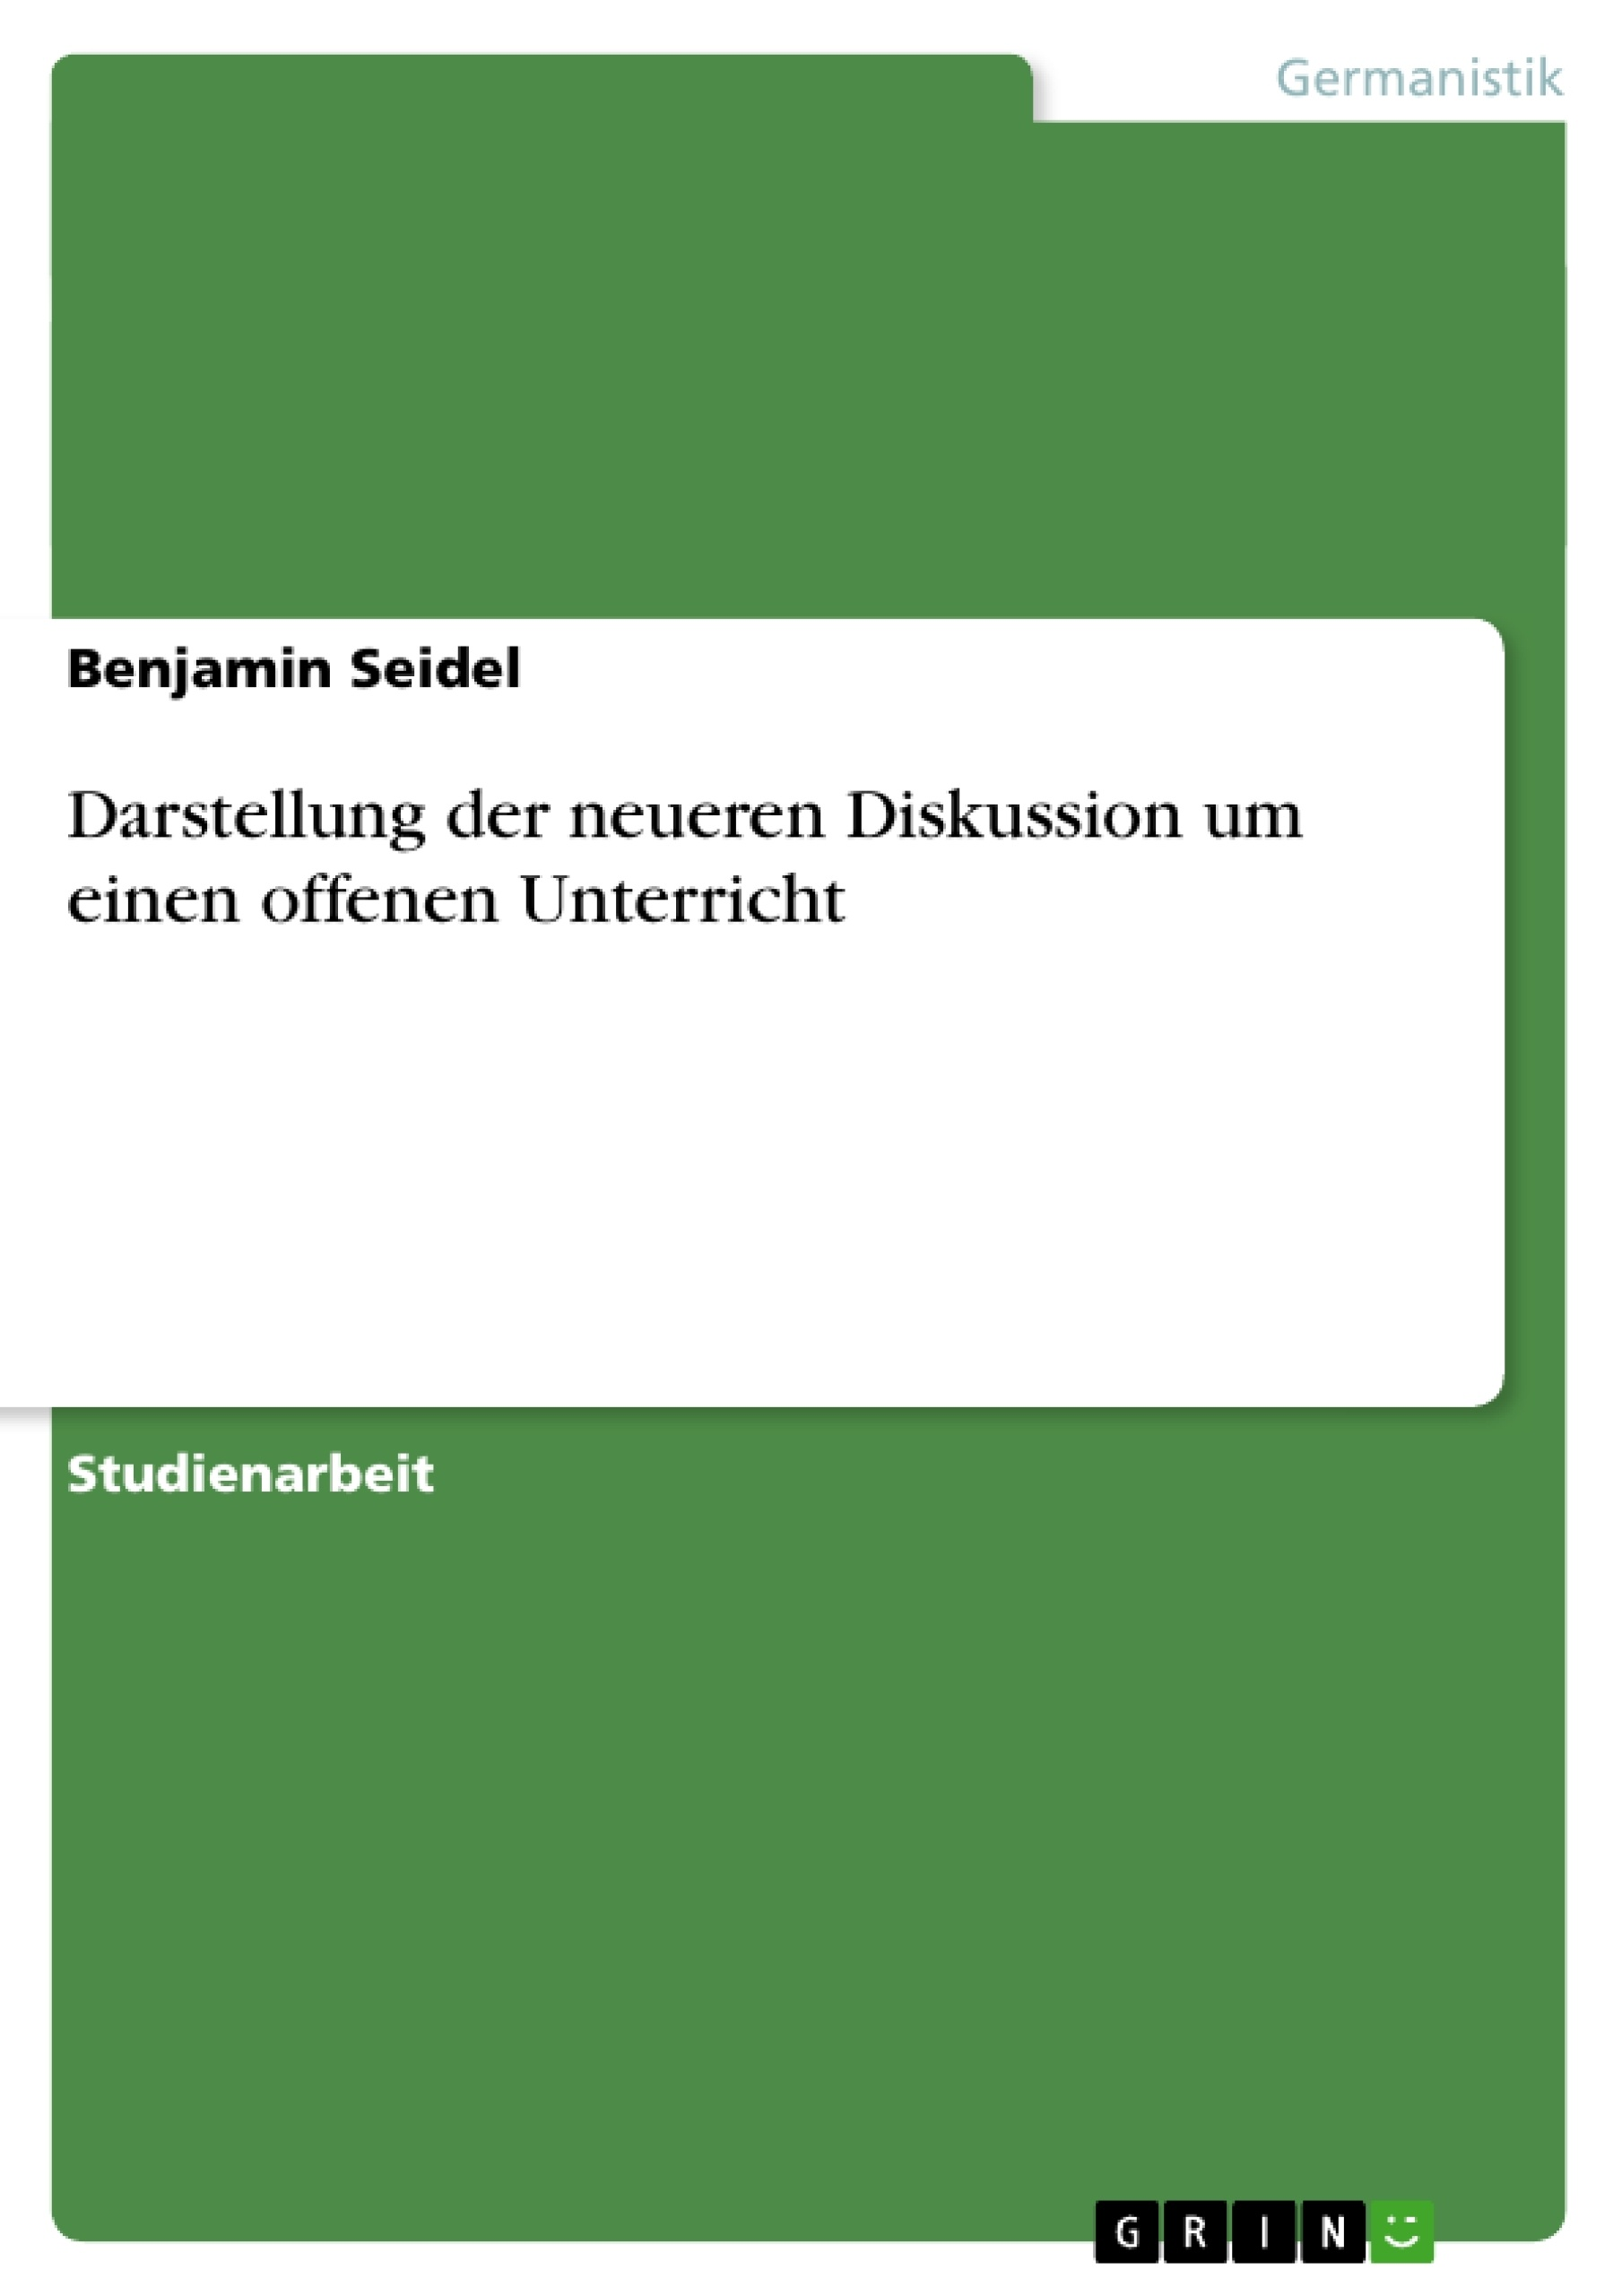 Titel: Darstellung der neueren Diskussion um einen offenen Unterricht